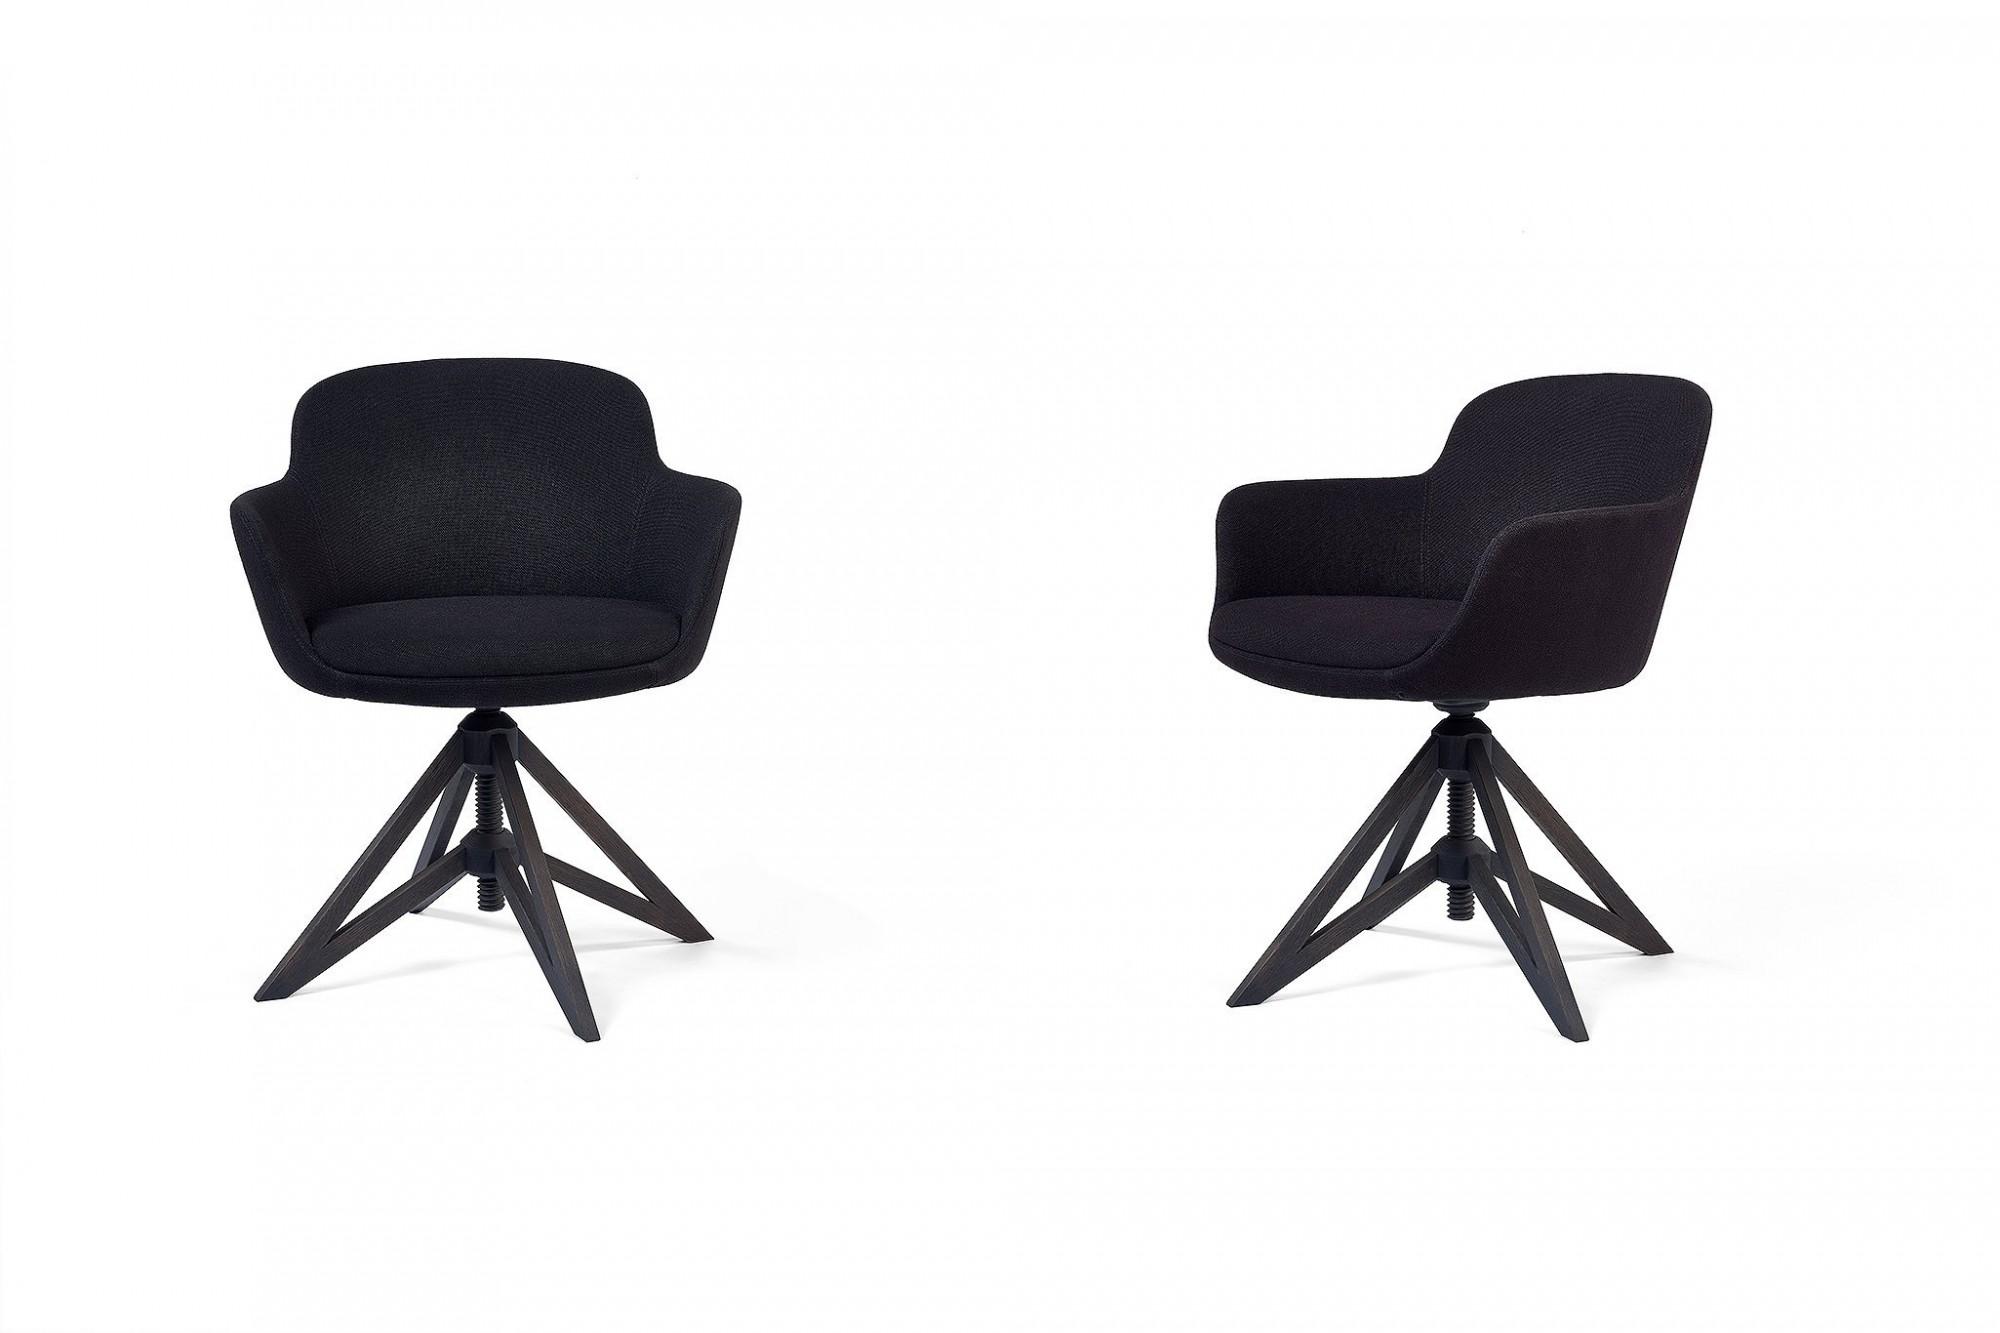 Afbeelding: Studiofotografie, foto Van Huffel, meubelen.